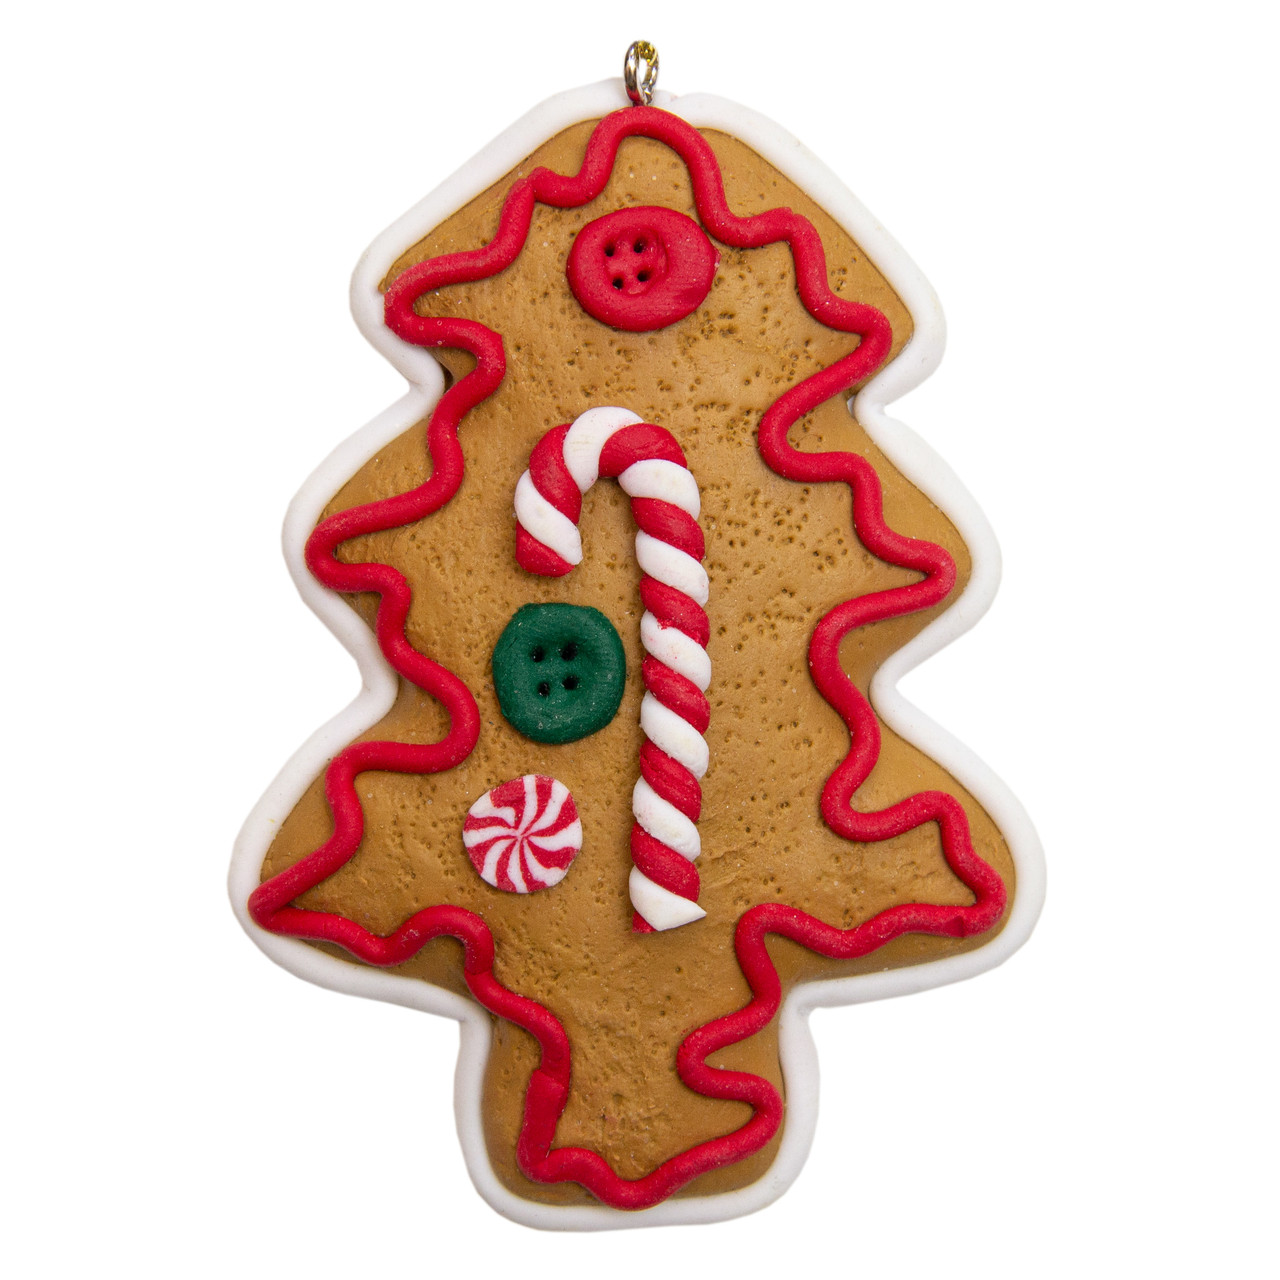 Фигурка сувенирная, полирезин, 8см, печенье Елка, (000661-10)